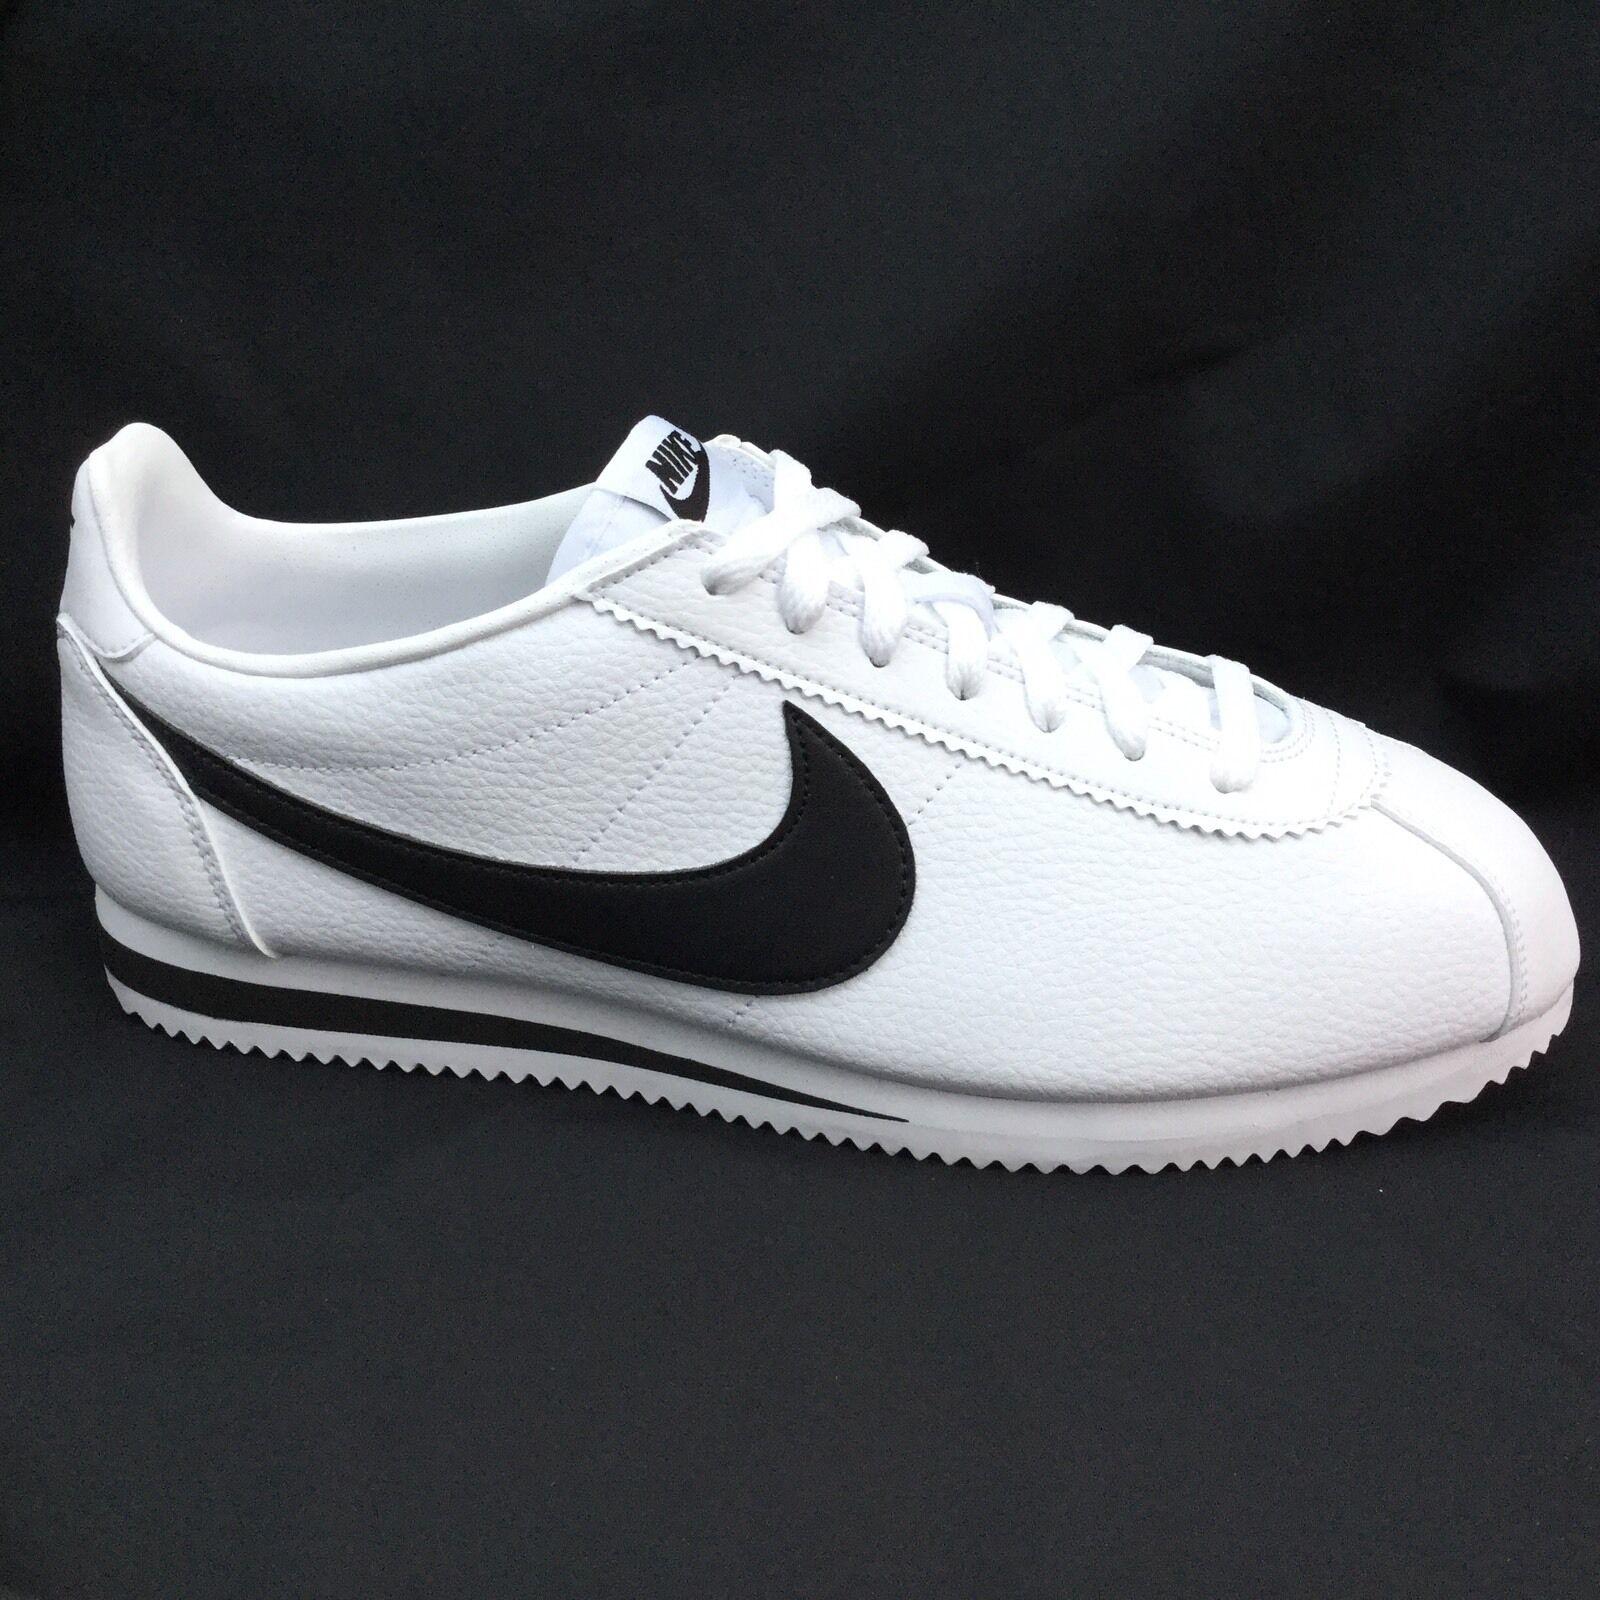 Nike Cortez OG Leather blanc EU & noir Vintage 749571-10011 EU blanc 46 US 12 29af12